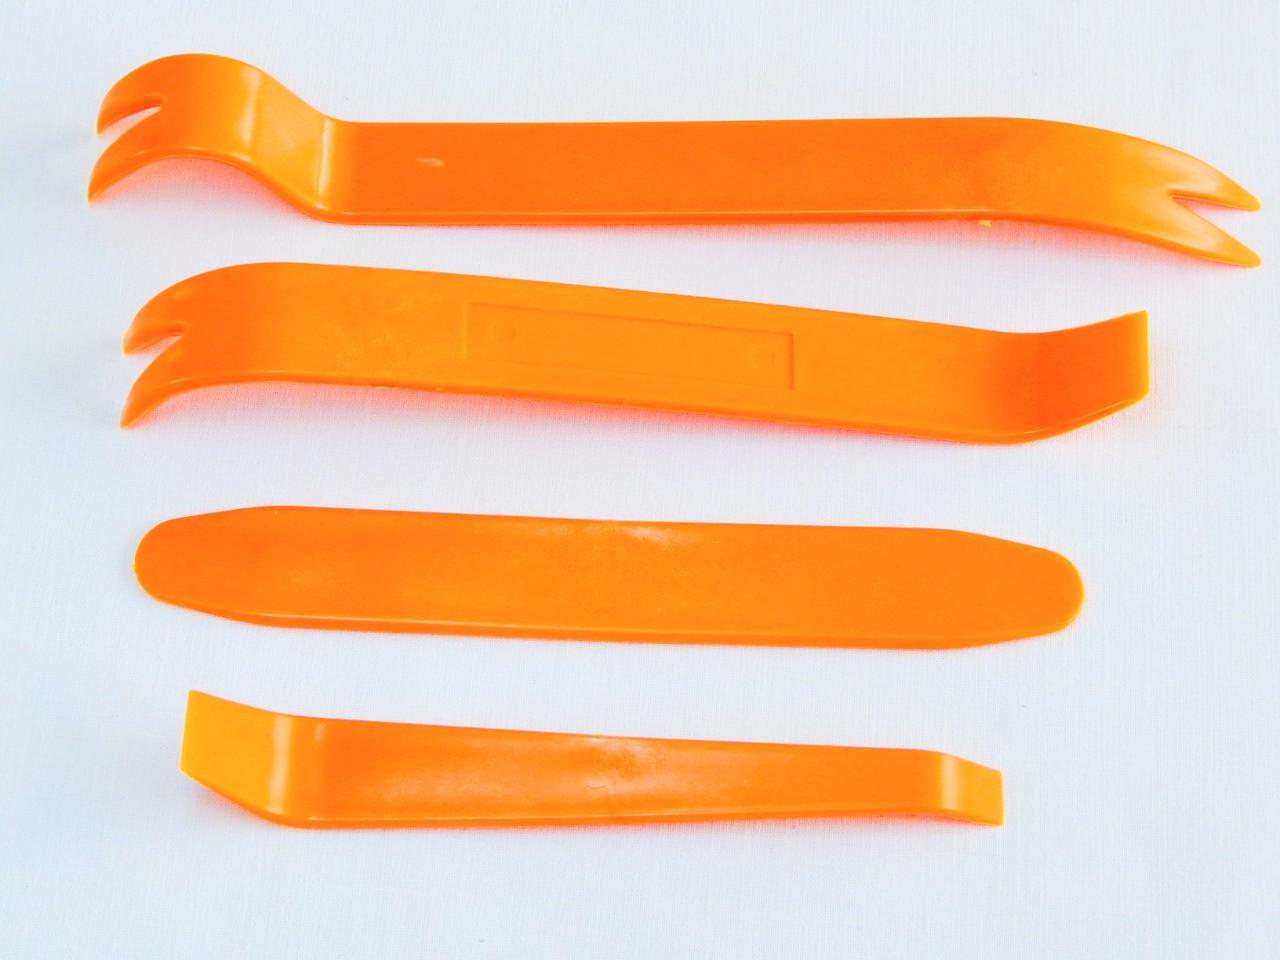 Комплект инструментов для снятия панелей салона ZIRY 4pcs orange